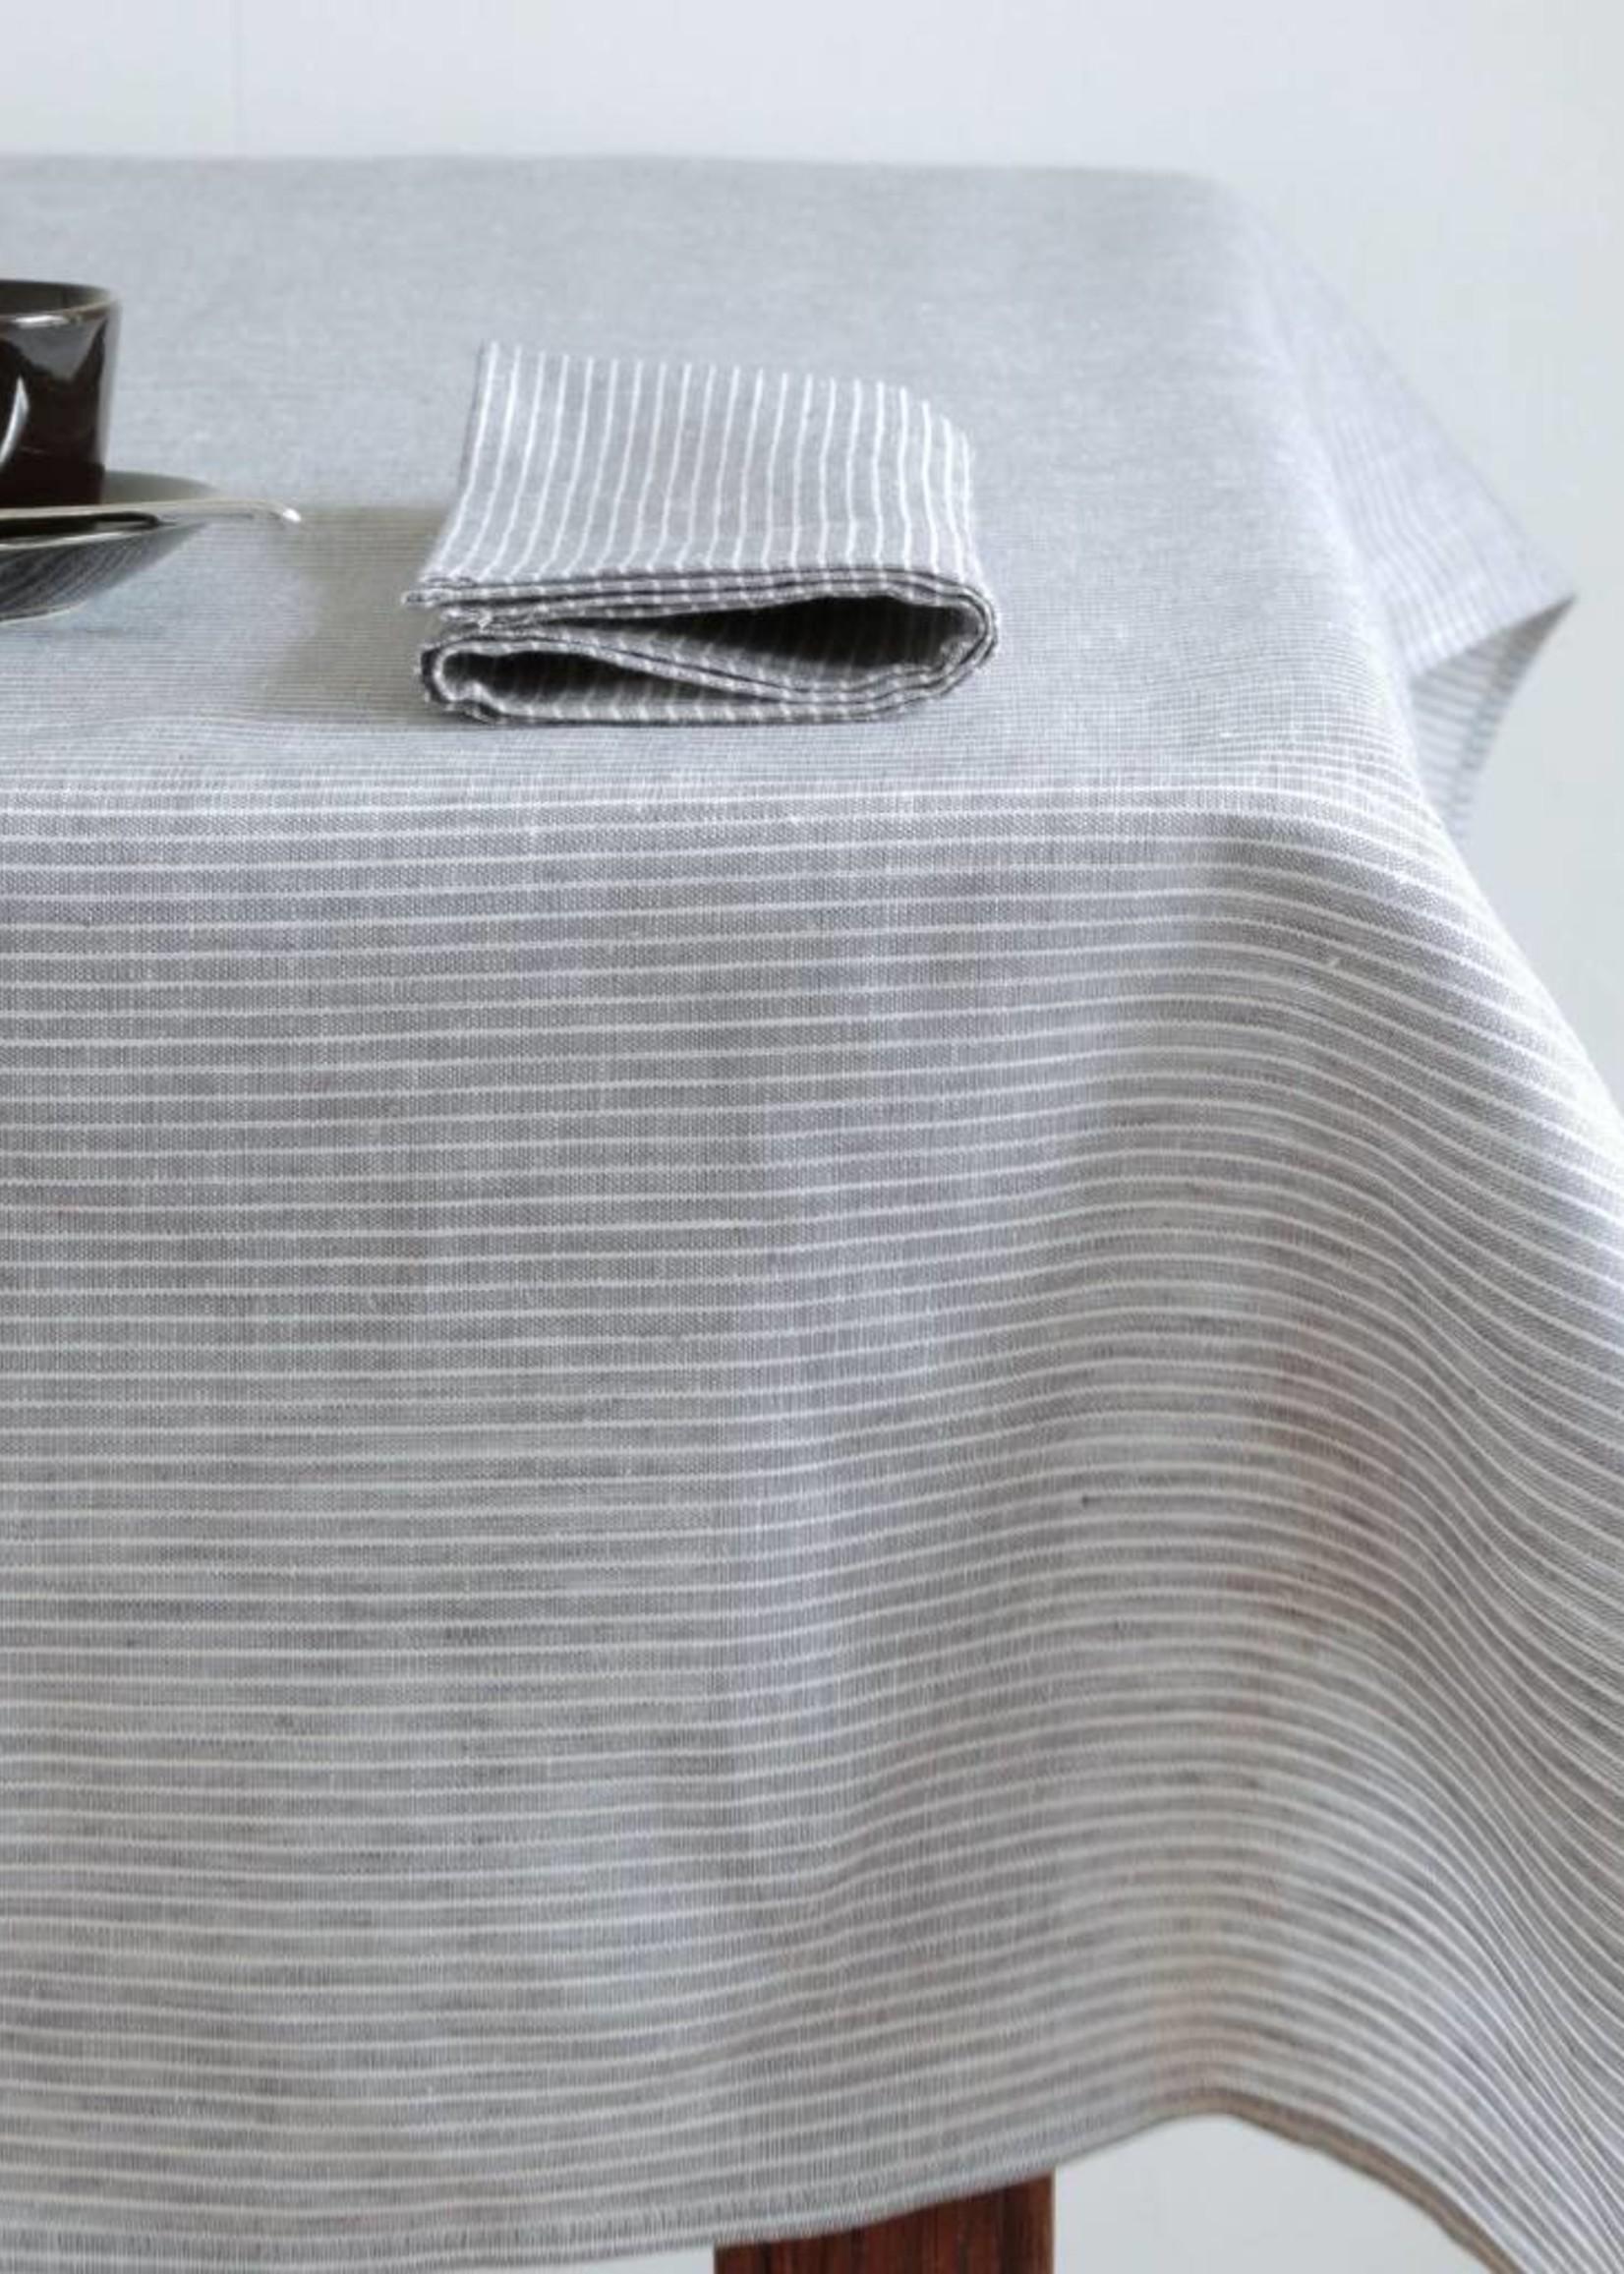 Linnen servet - grijze en witte strepen